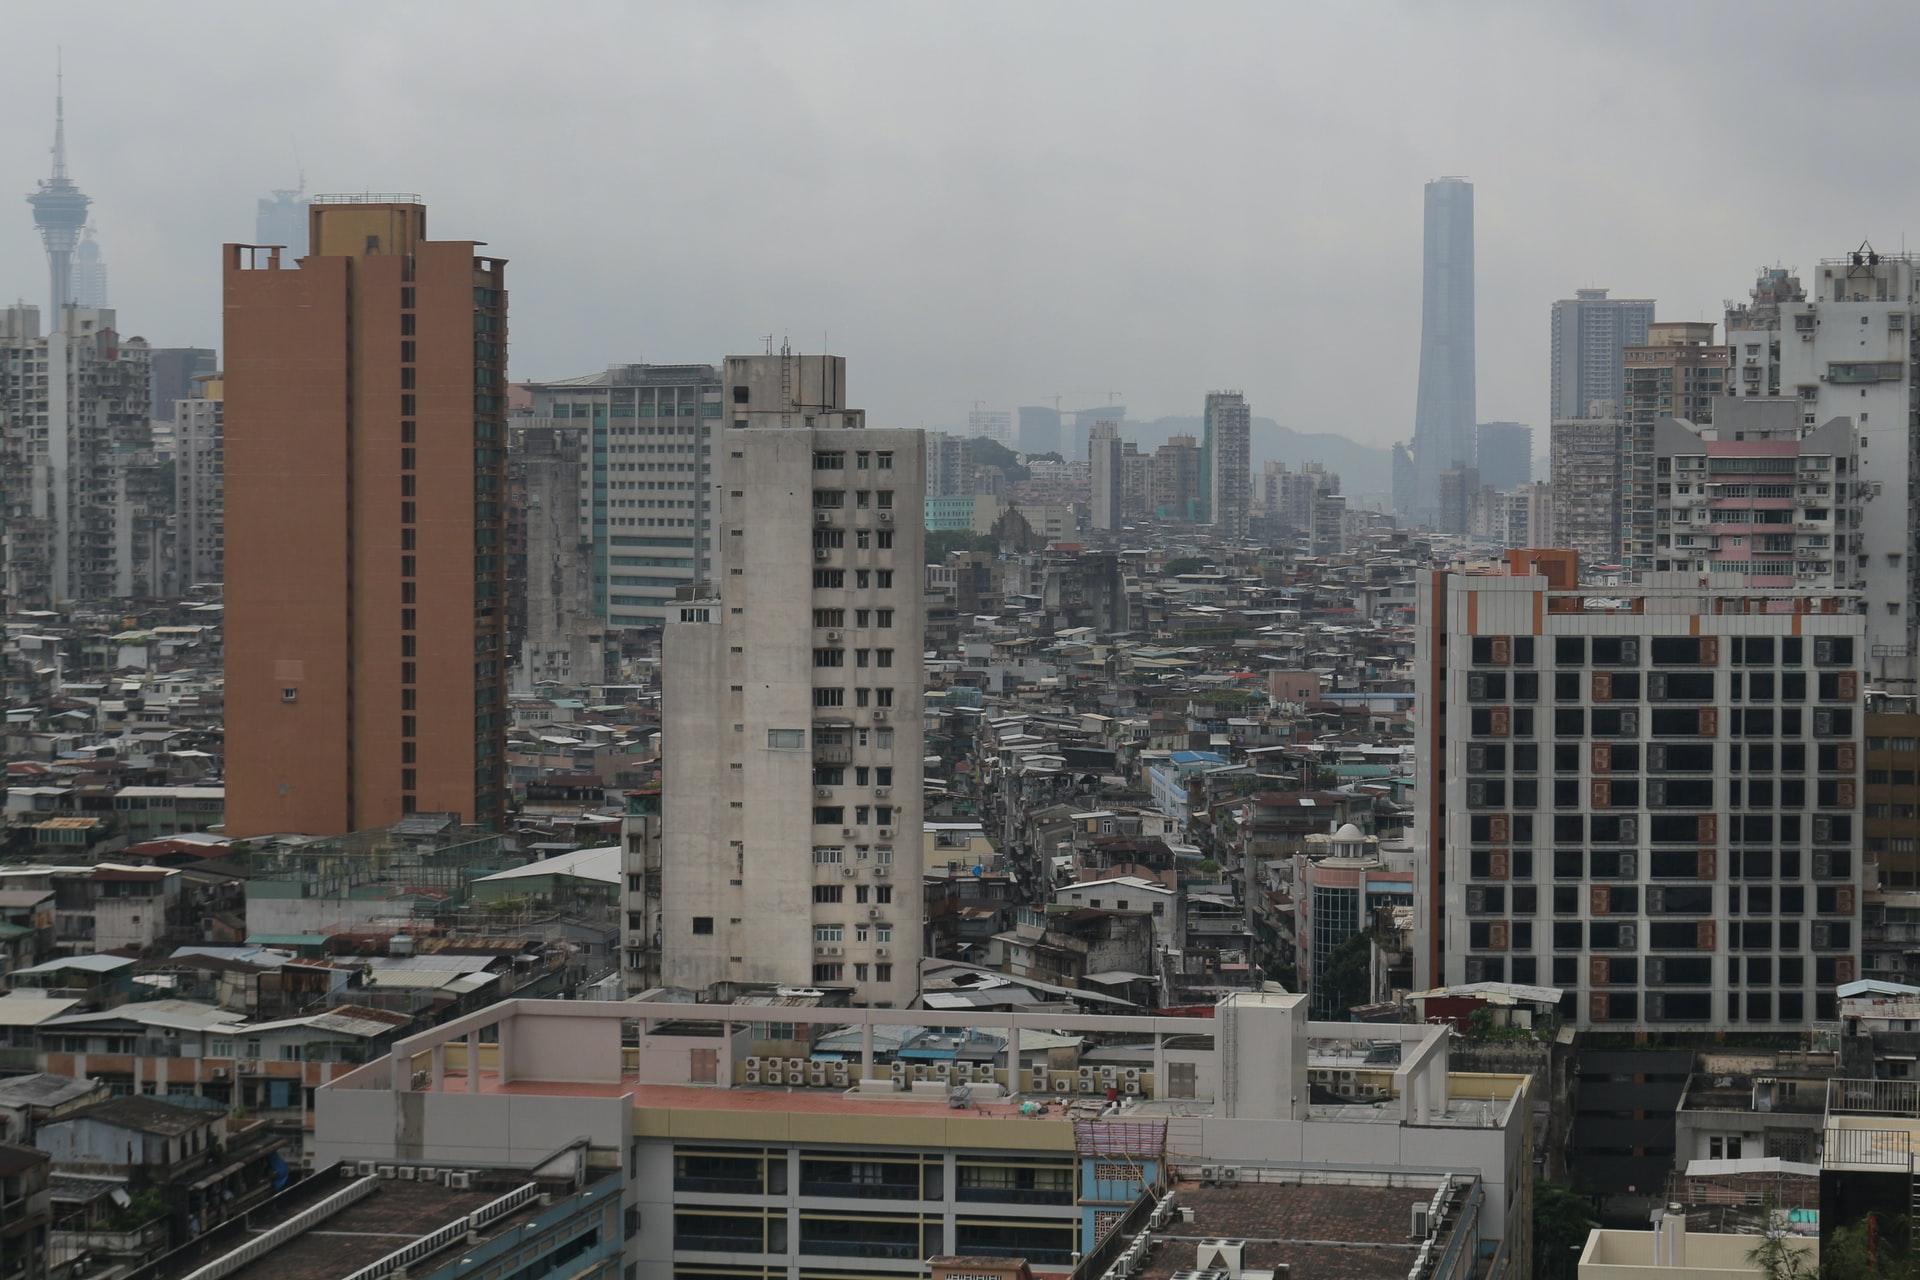 foto de um centro urbano